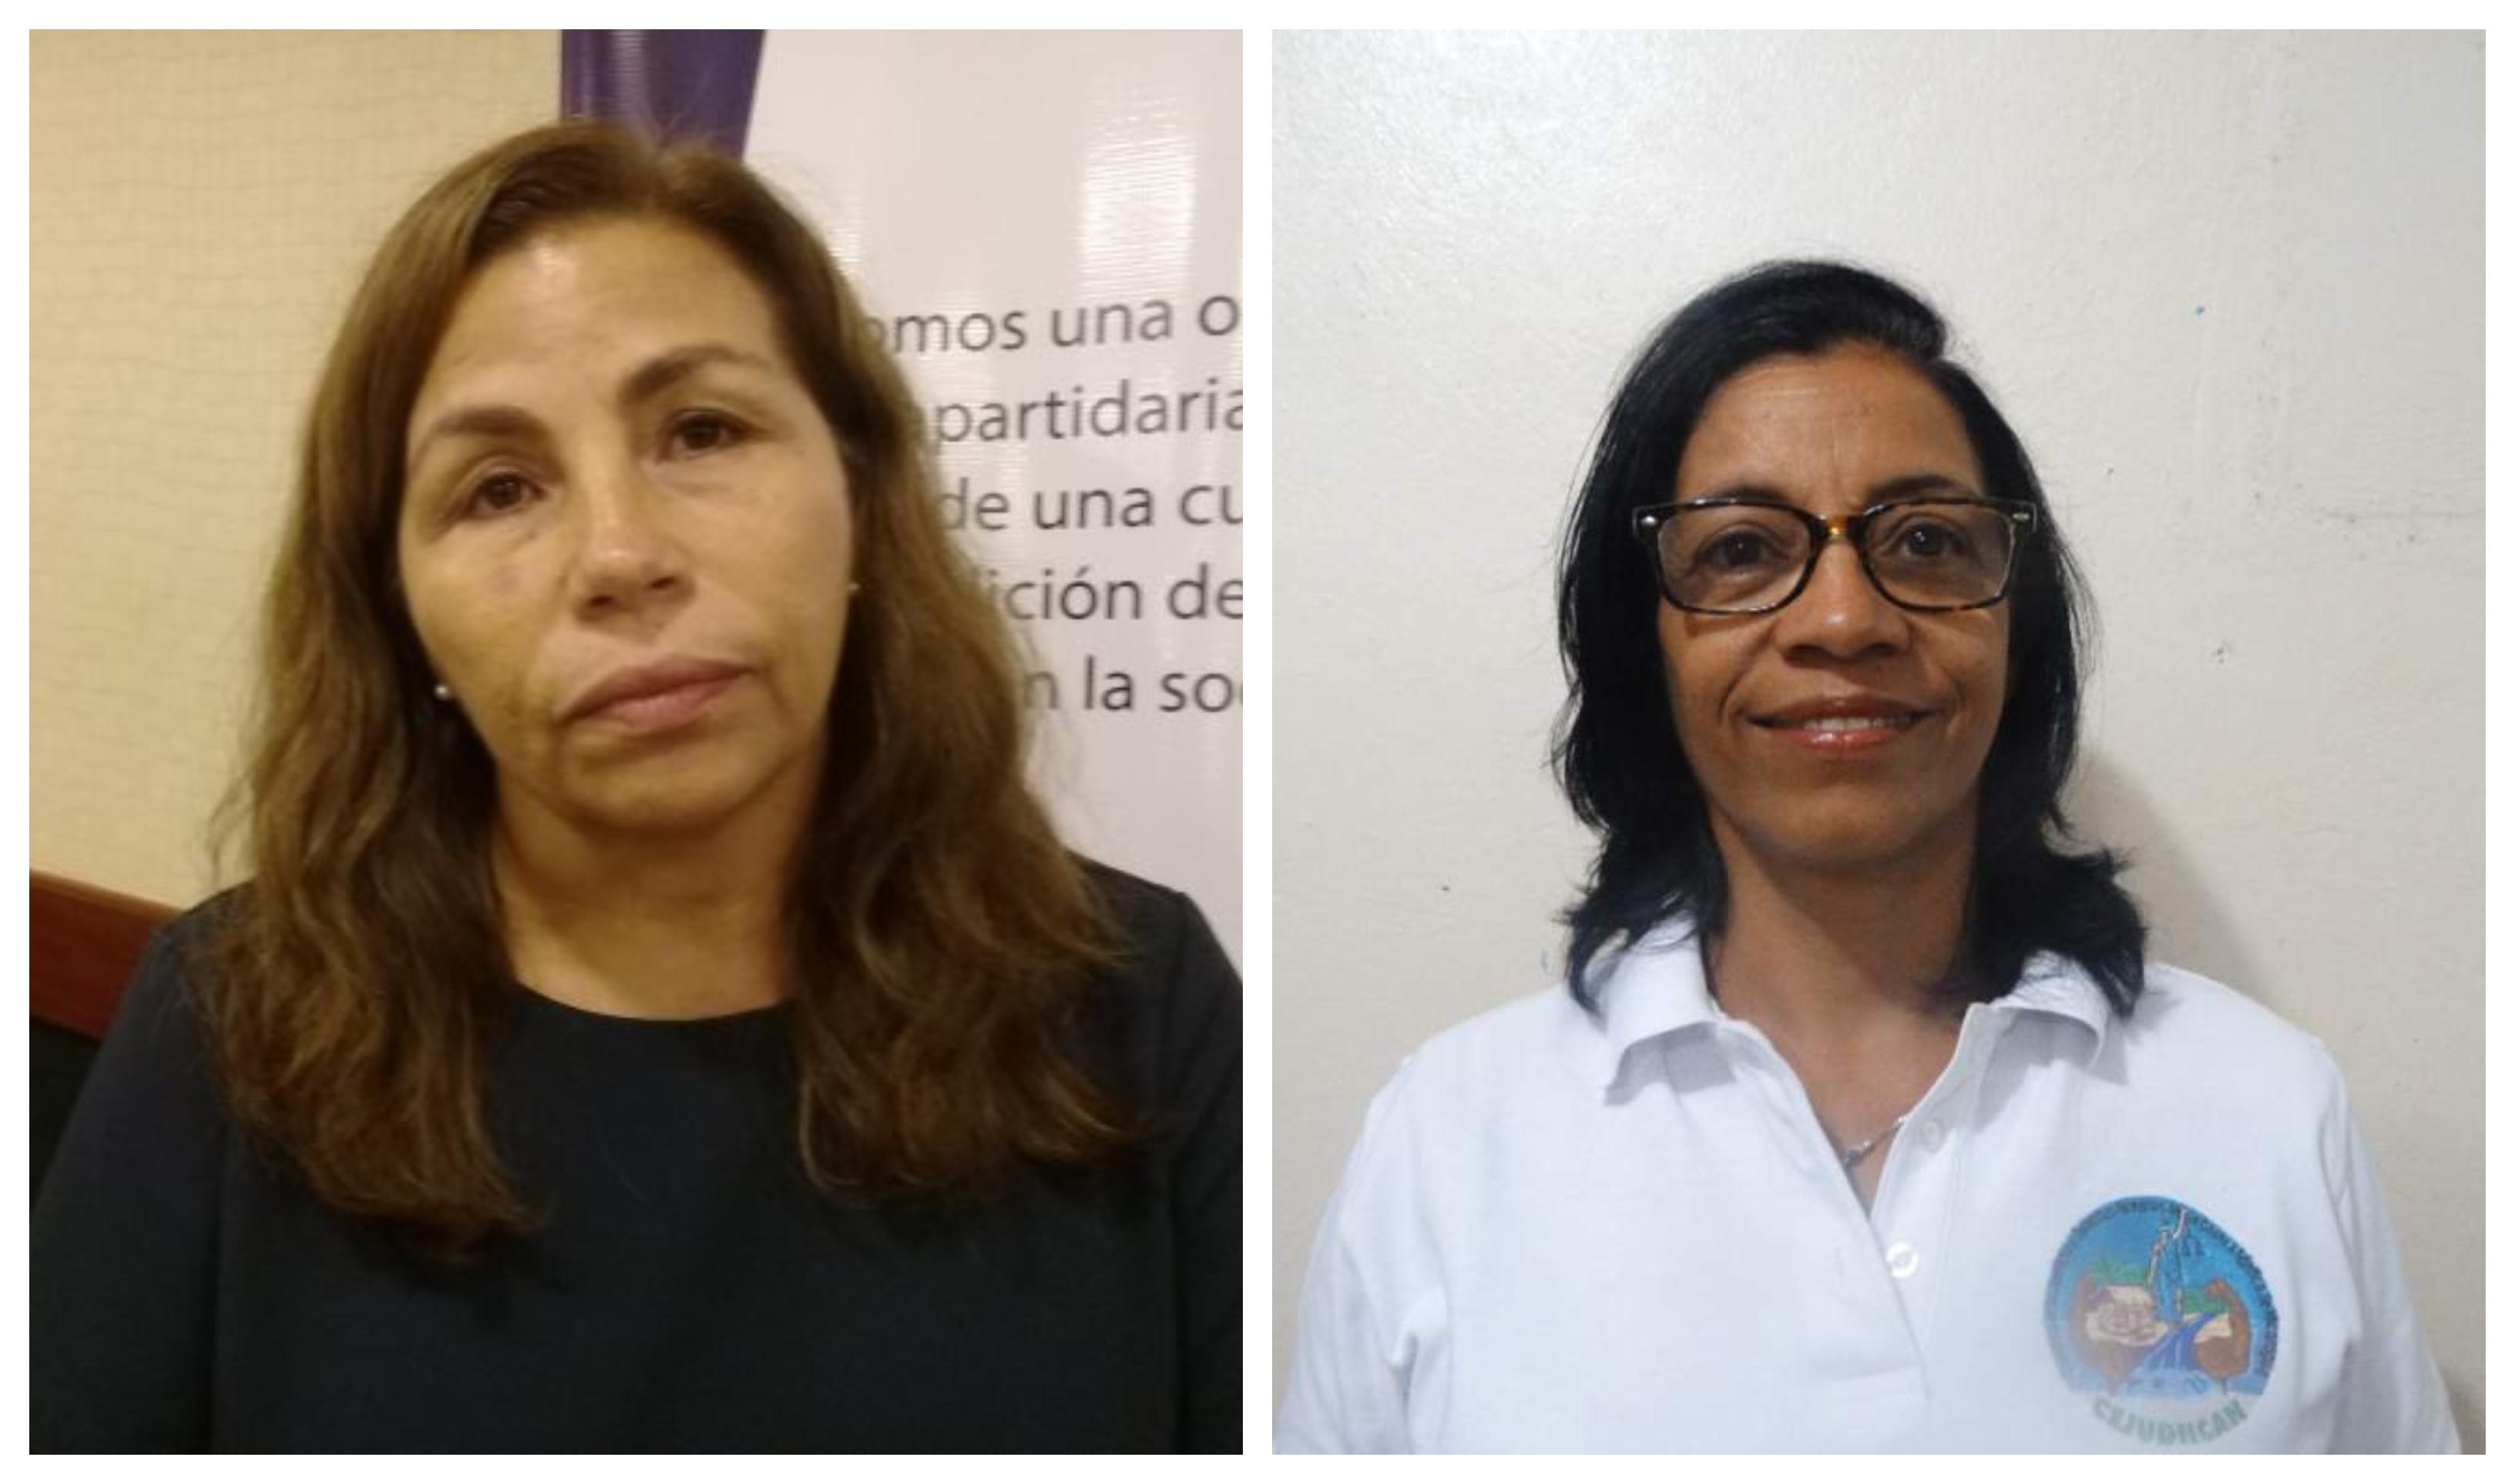 Bajan de un avión de Américan Airlines y detienen a las defensoras de derechos humanos Haydee Castillo y Lottie Cunningham